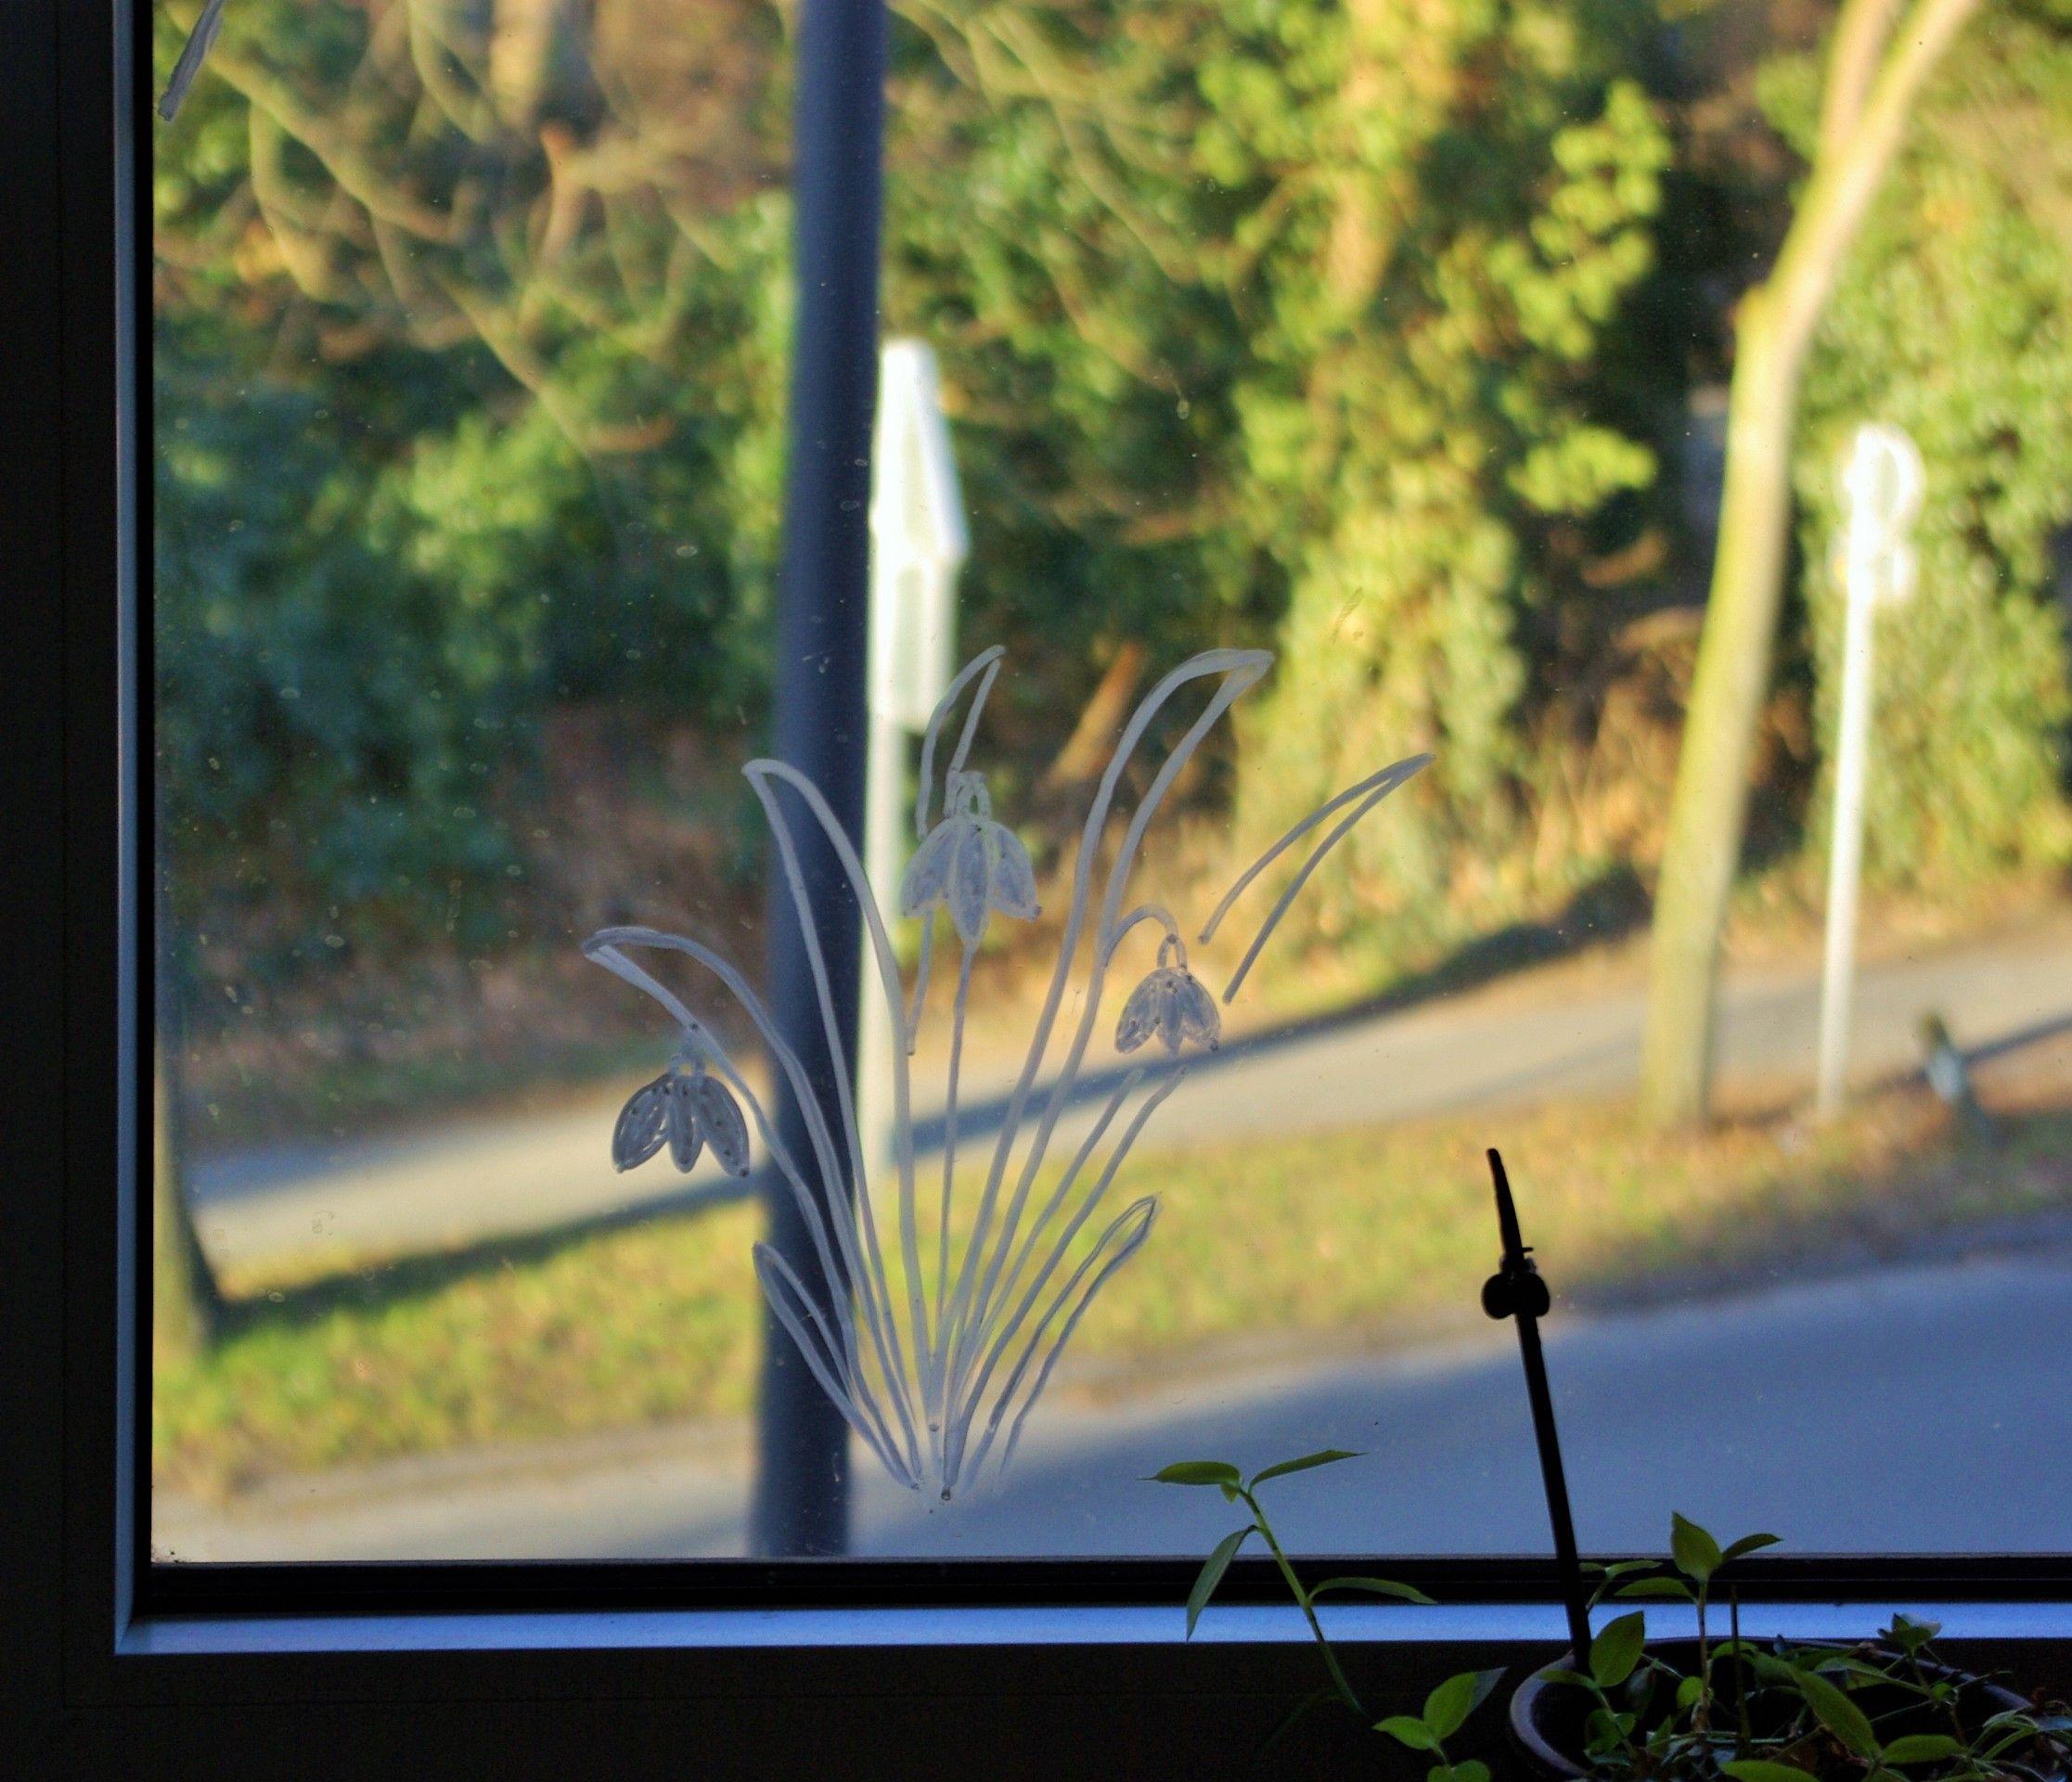 Kuchenfenster Schneeglockchen Mit Kreidemarker Aufs Fenster Gemalt Liess Sich Total Einfach Mit Trockenem Kuchen Schneeglockchen Kuche Fenster Kuchenfenster